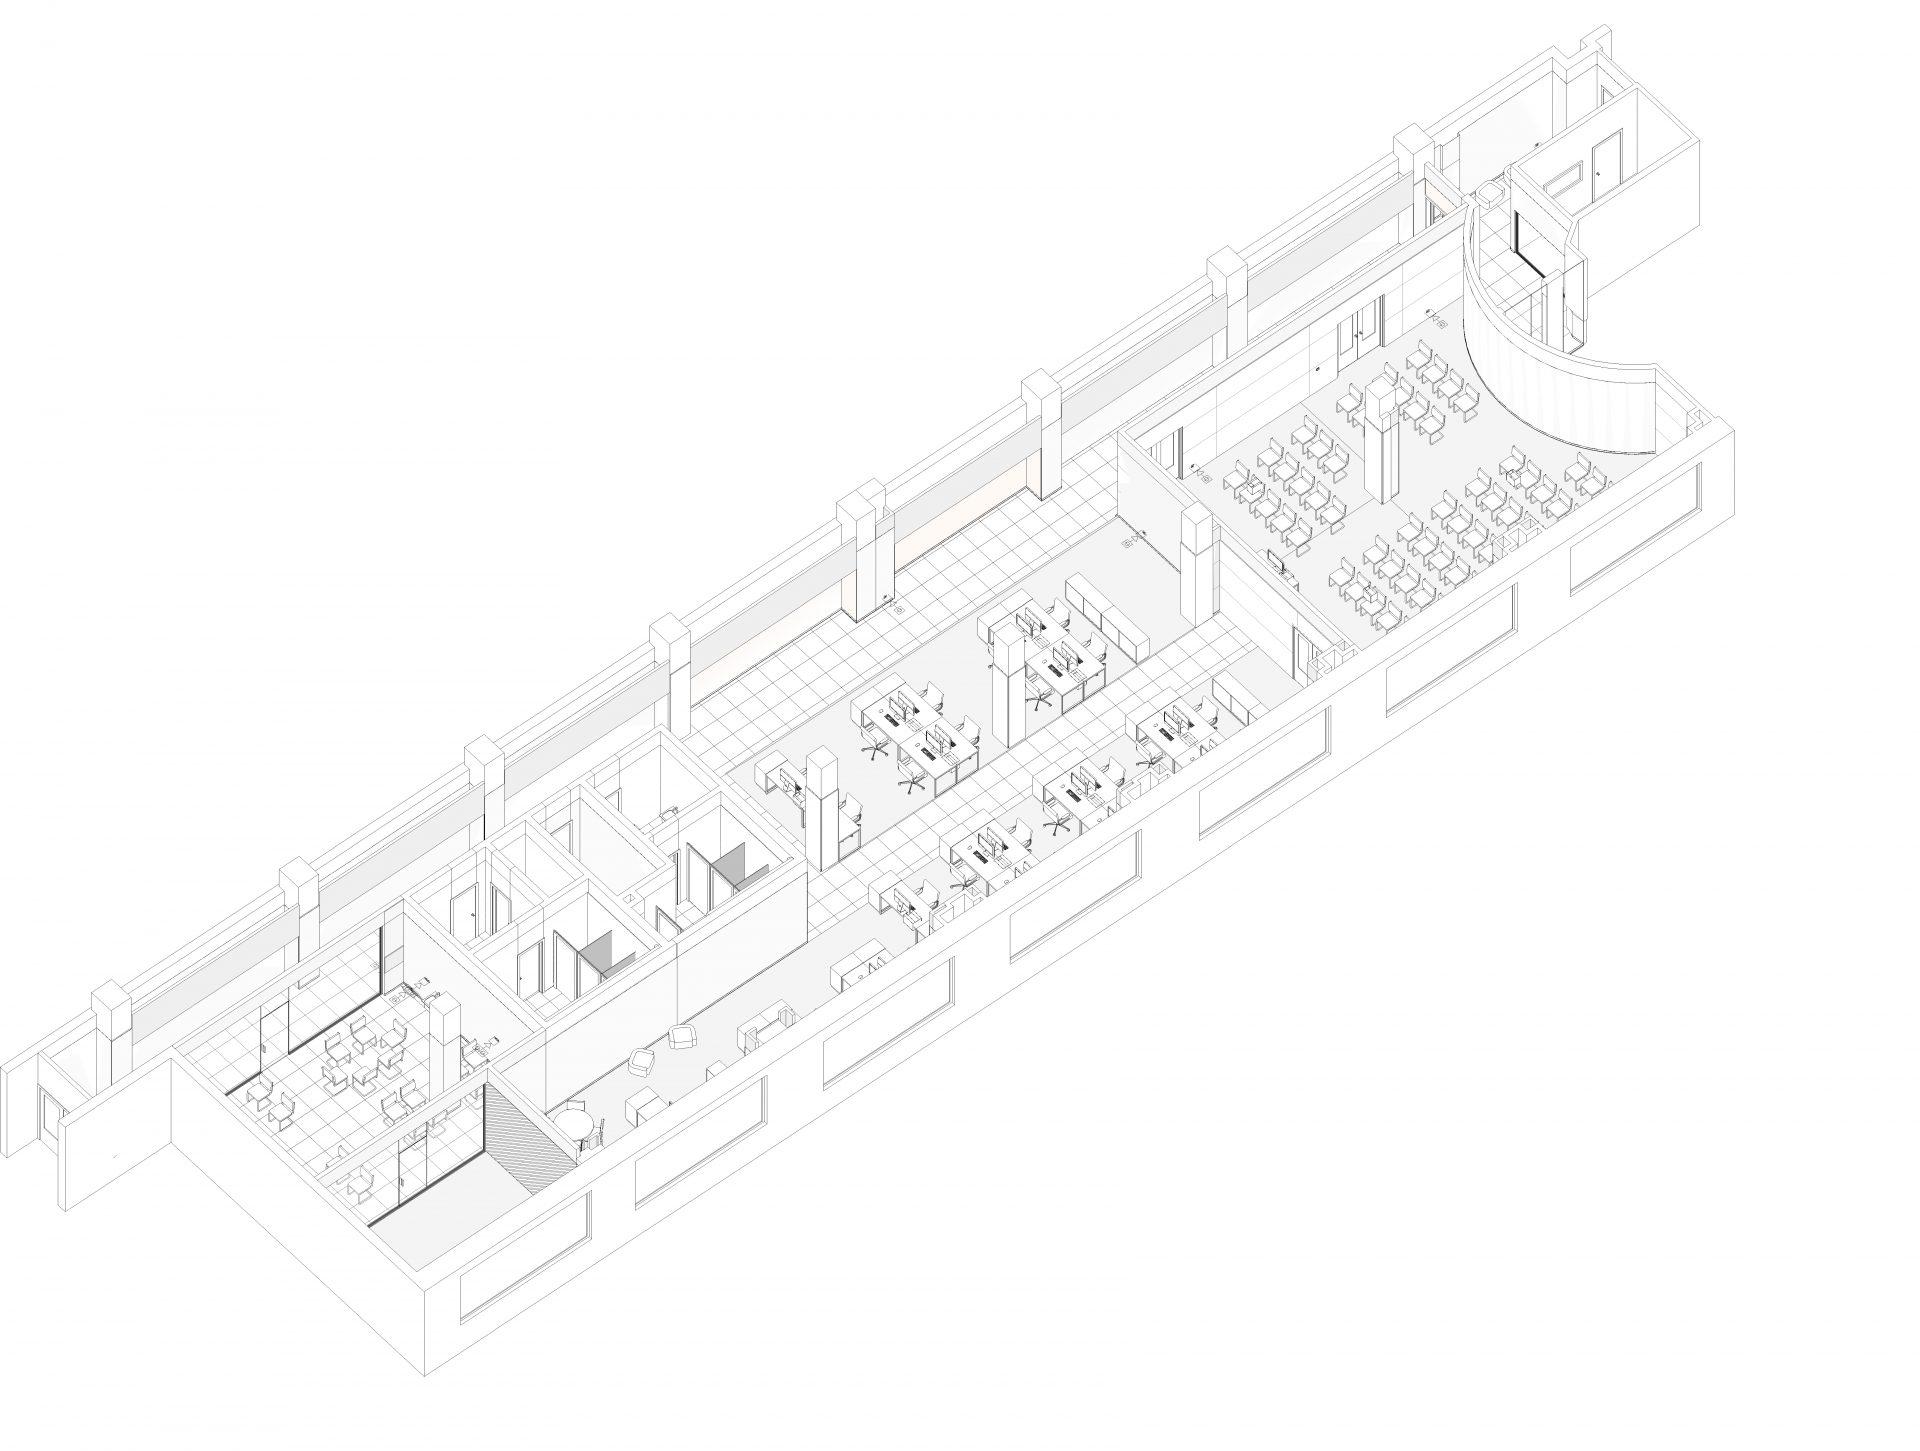 3д модель интерьера офиса Gemalto 1